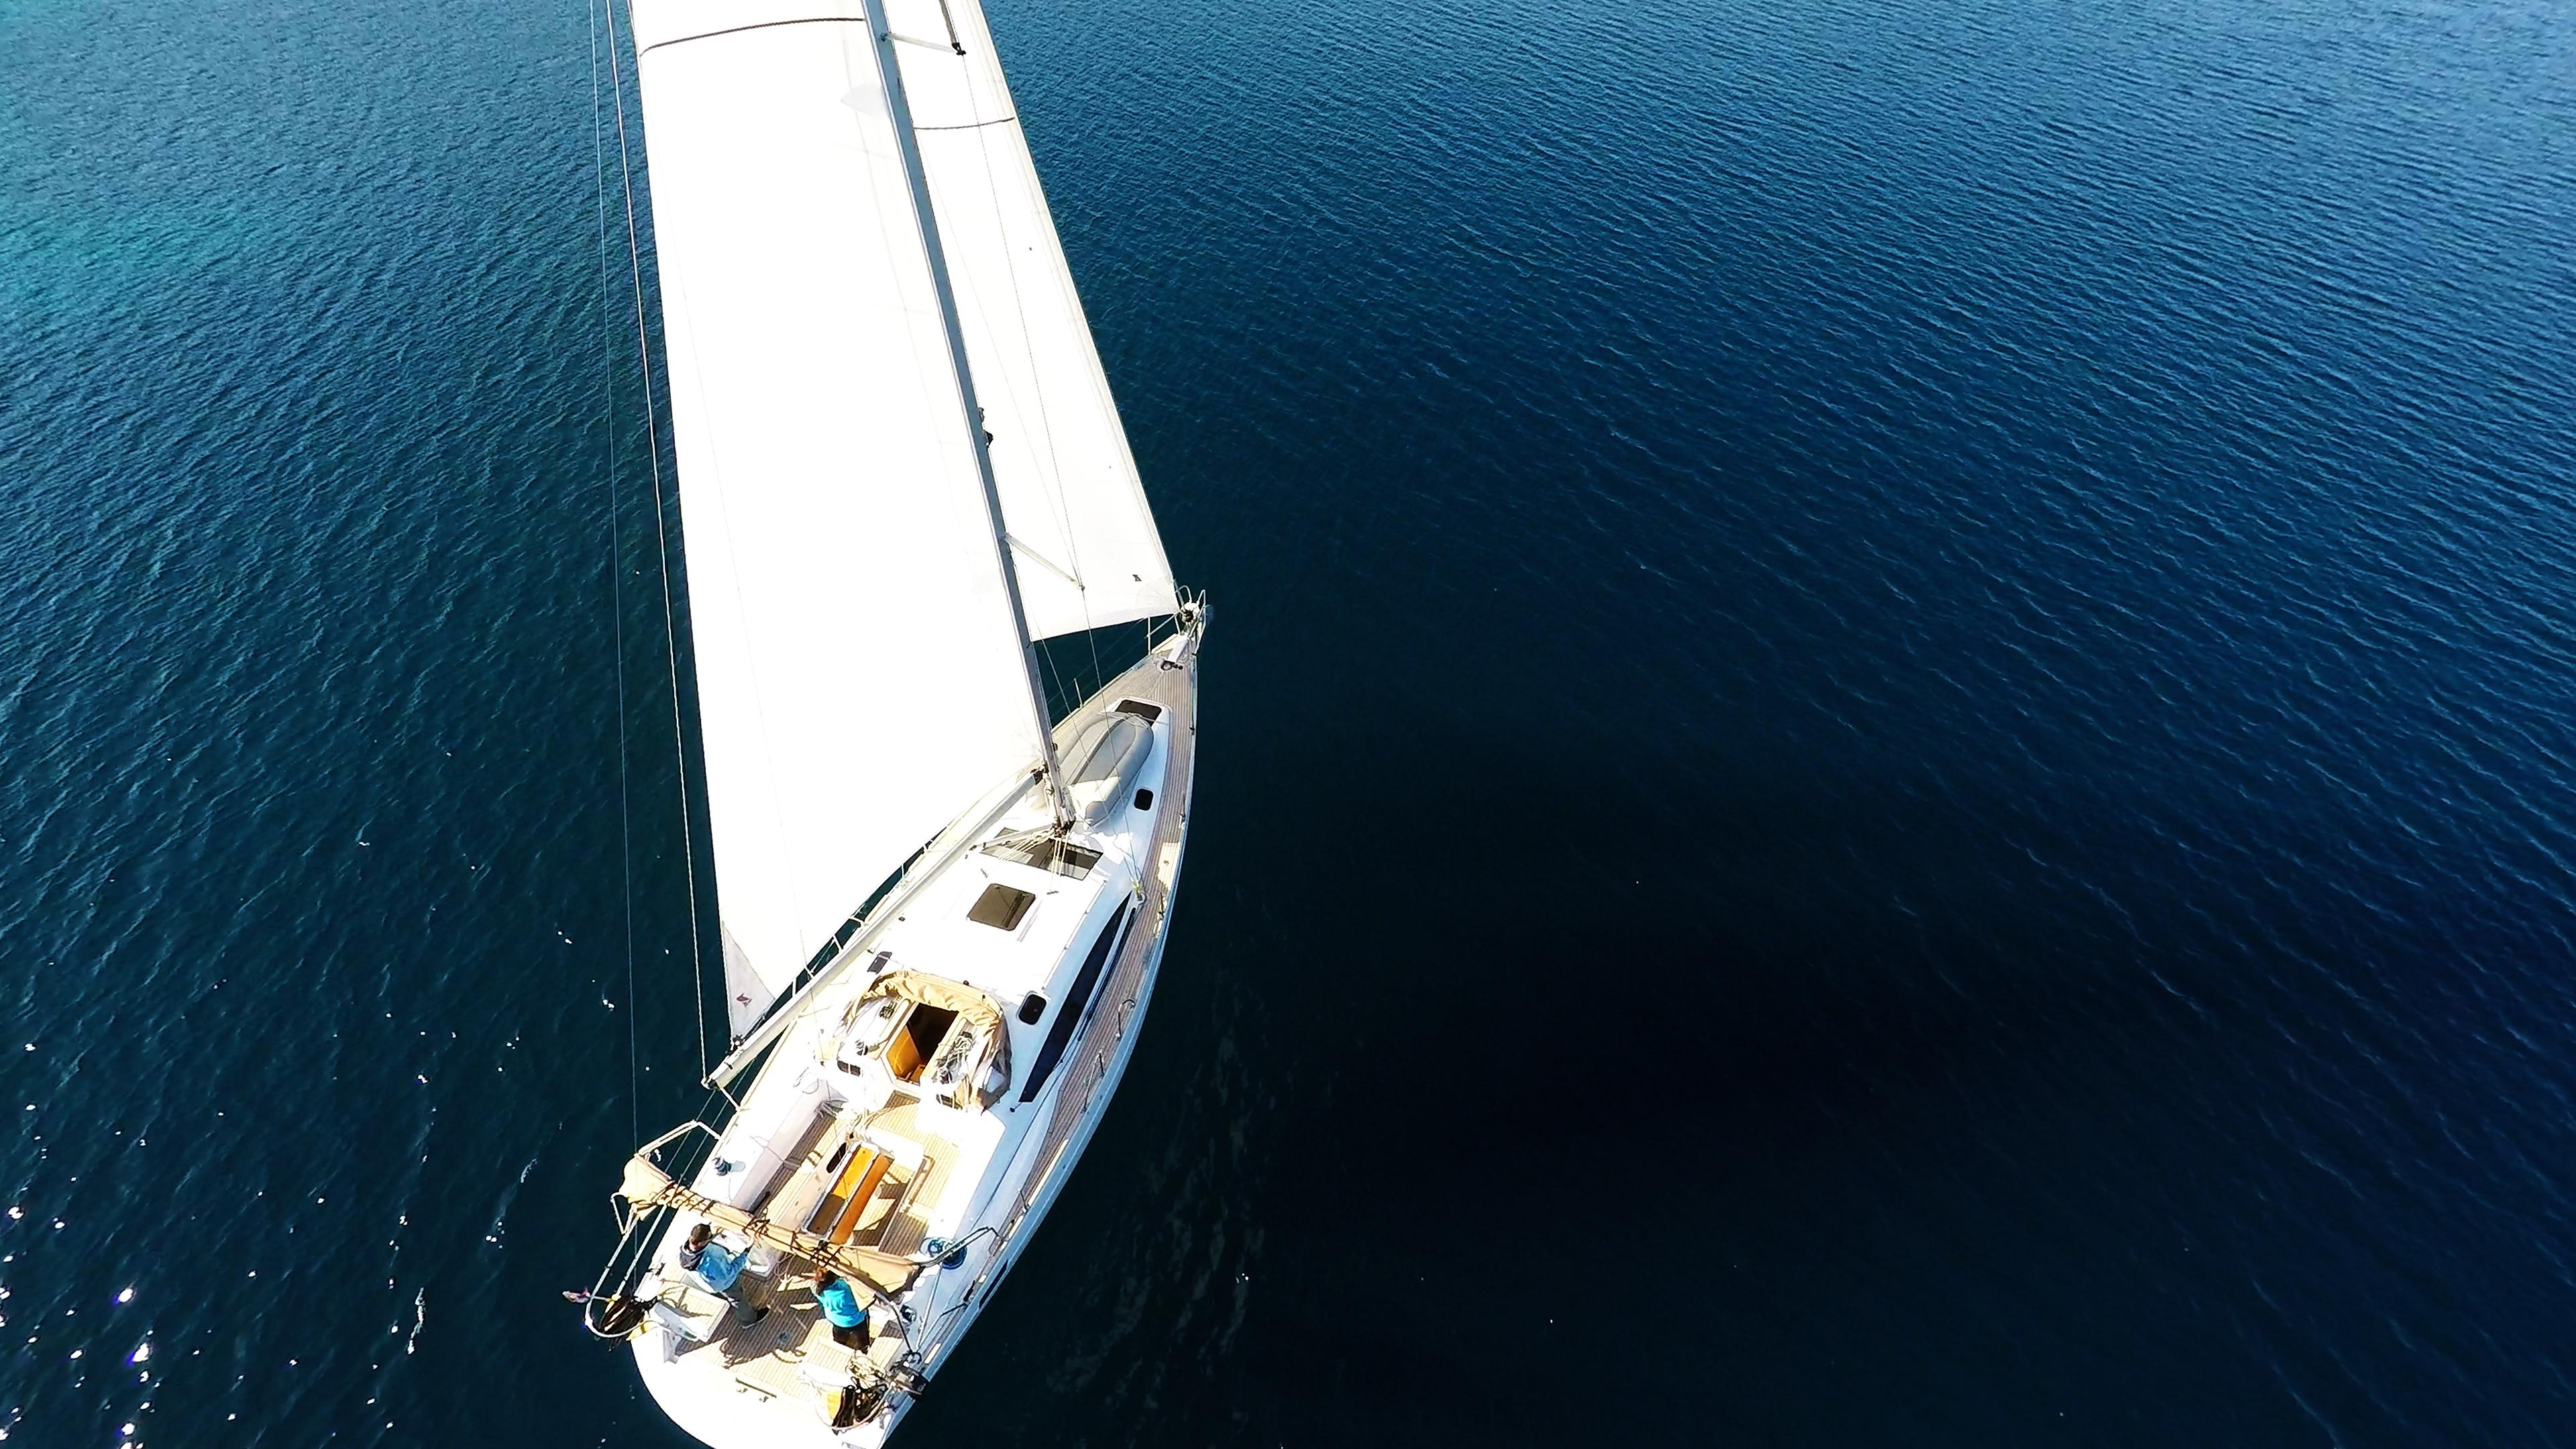 bateau à voile elan 45 impression voile voilier bateau à voile mer